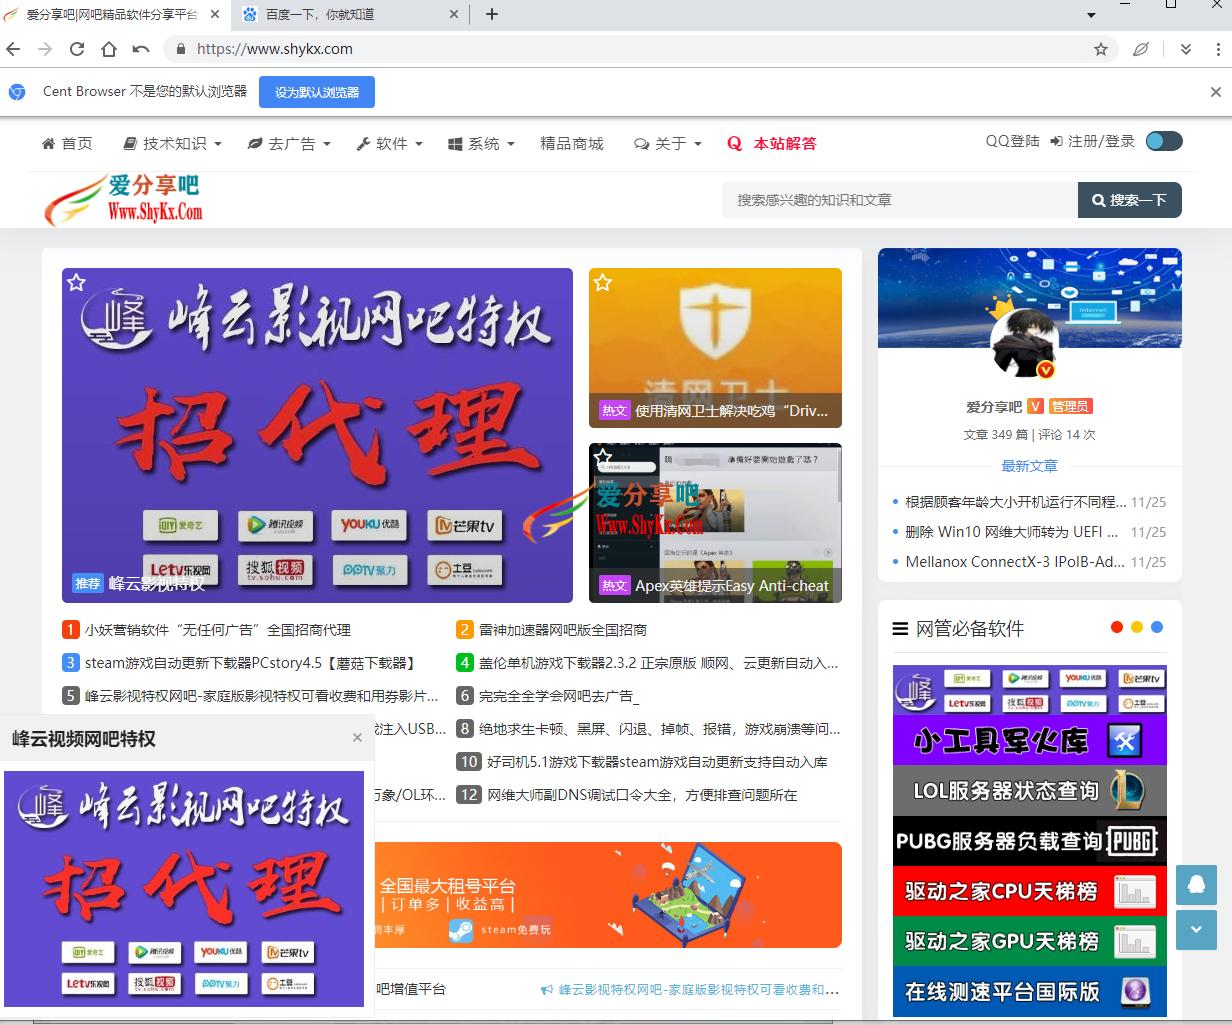 百分浏览器(CentBrowser)v4.3.9.210 正式版